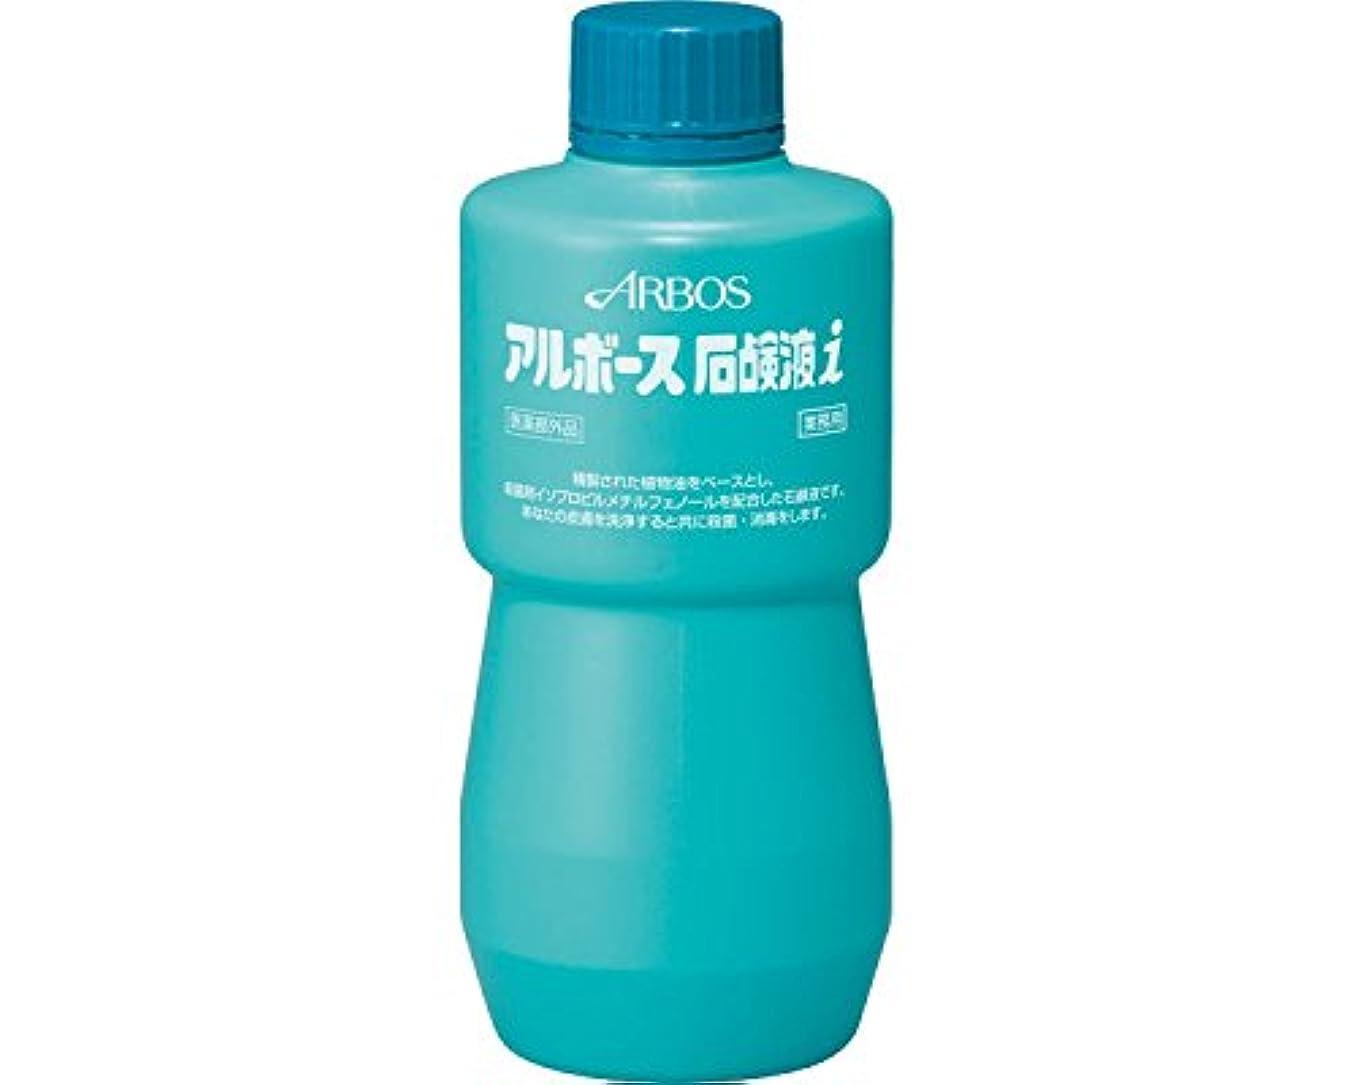 土曜日ジョブパーセントアルボース石鹸液i 500g 1ケース(30本入り) (アルボース)